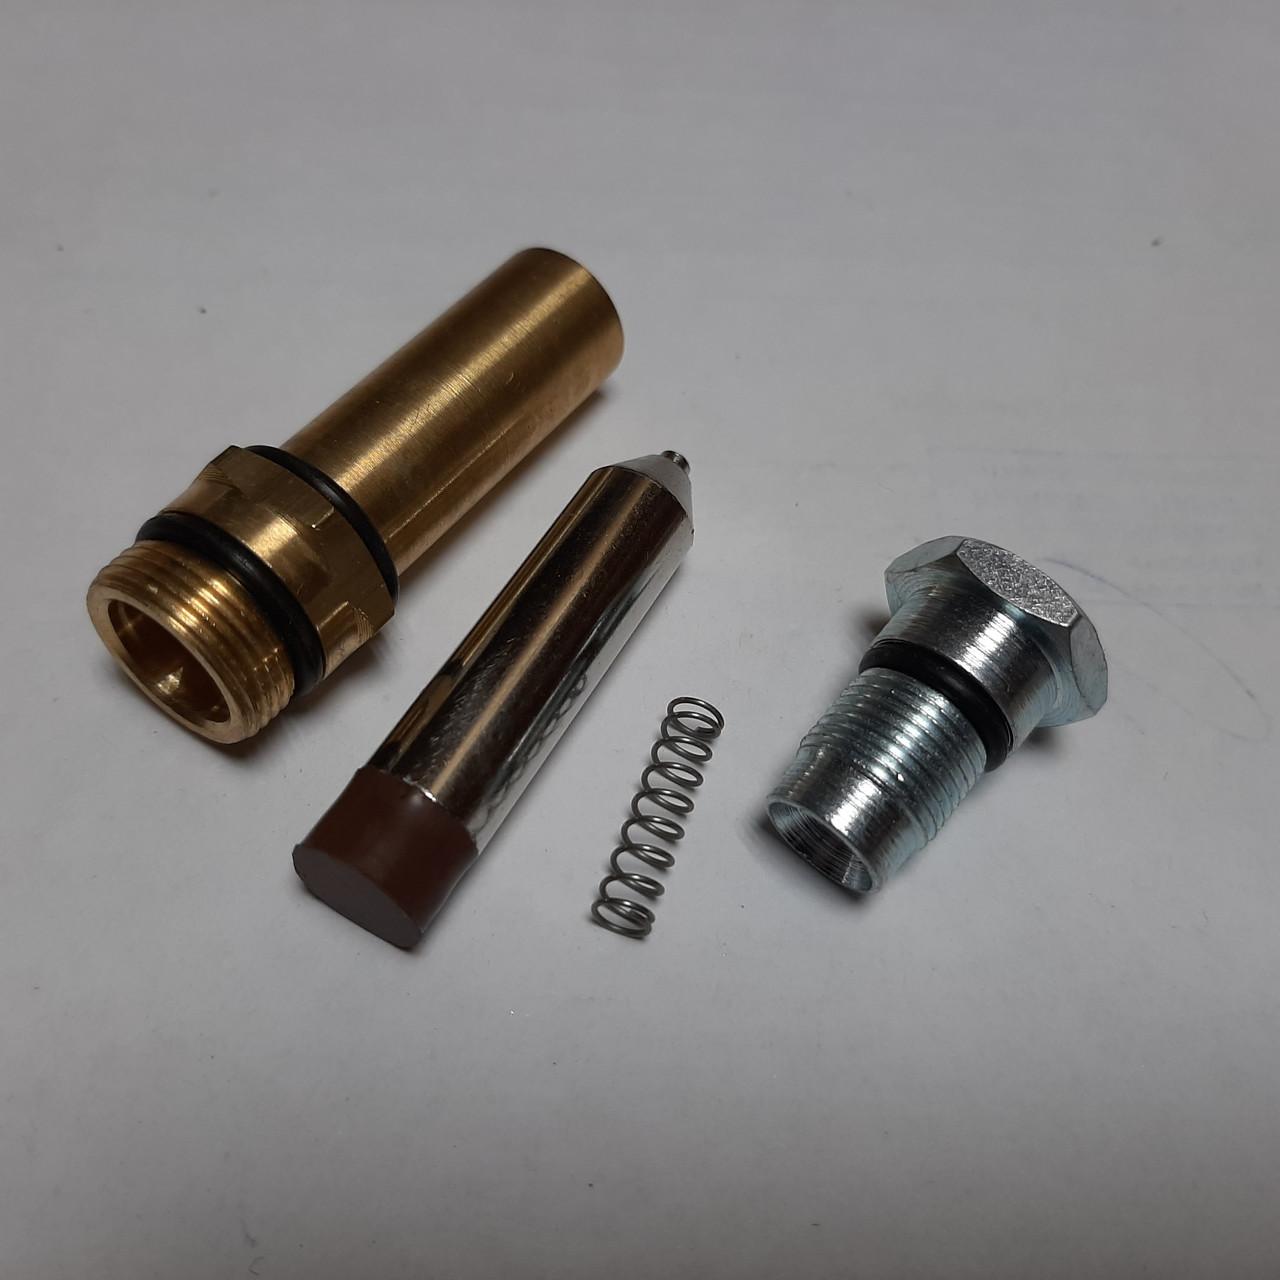 Ремкомплект катушки редуктора Torelli / AstarGas / Feroni / Mimgas (сердечник, якорь с пружинкой)